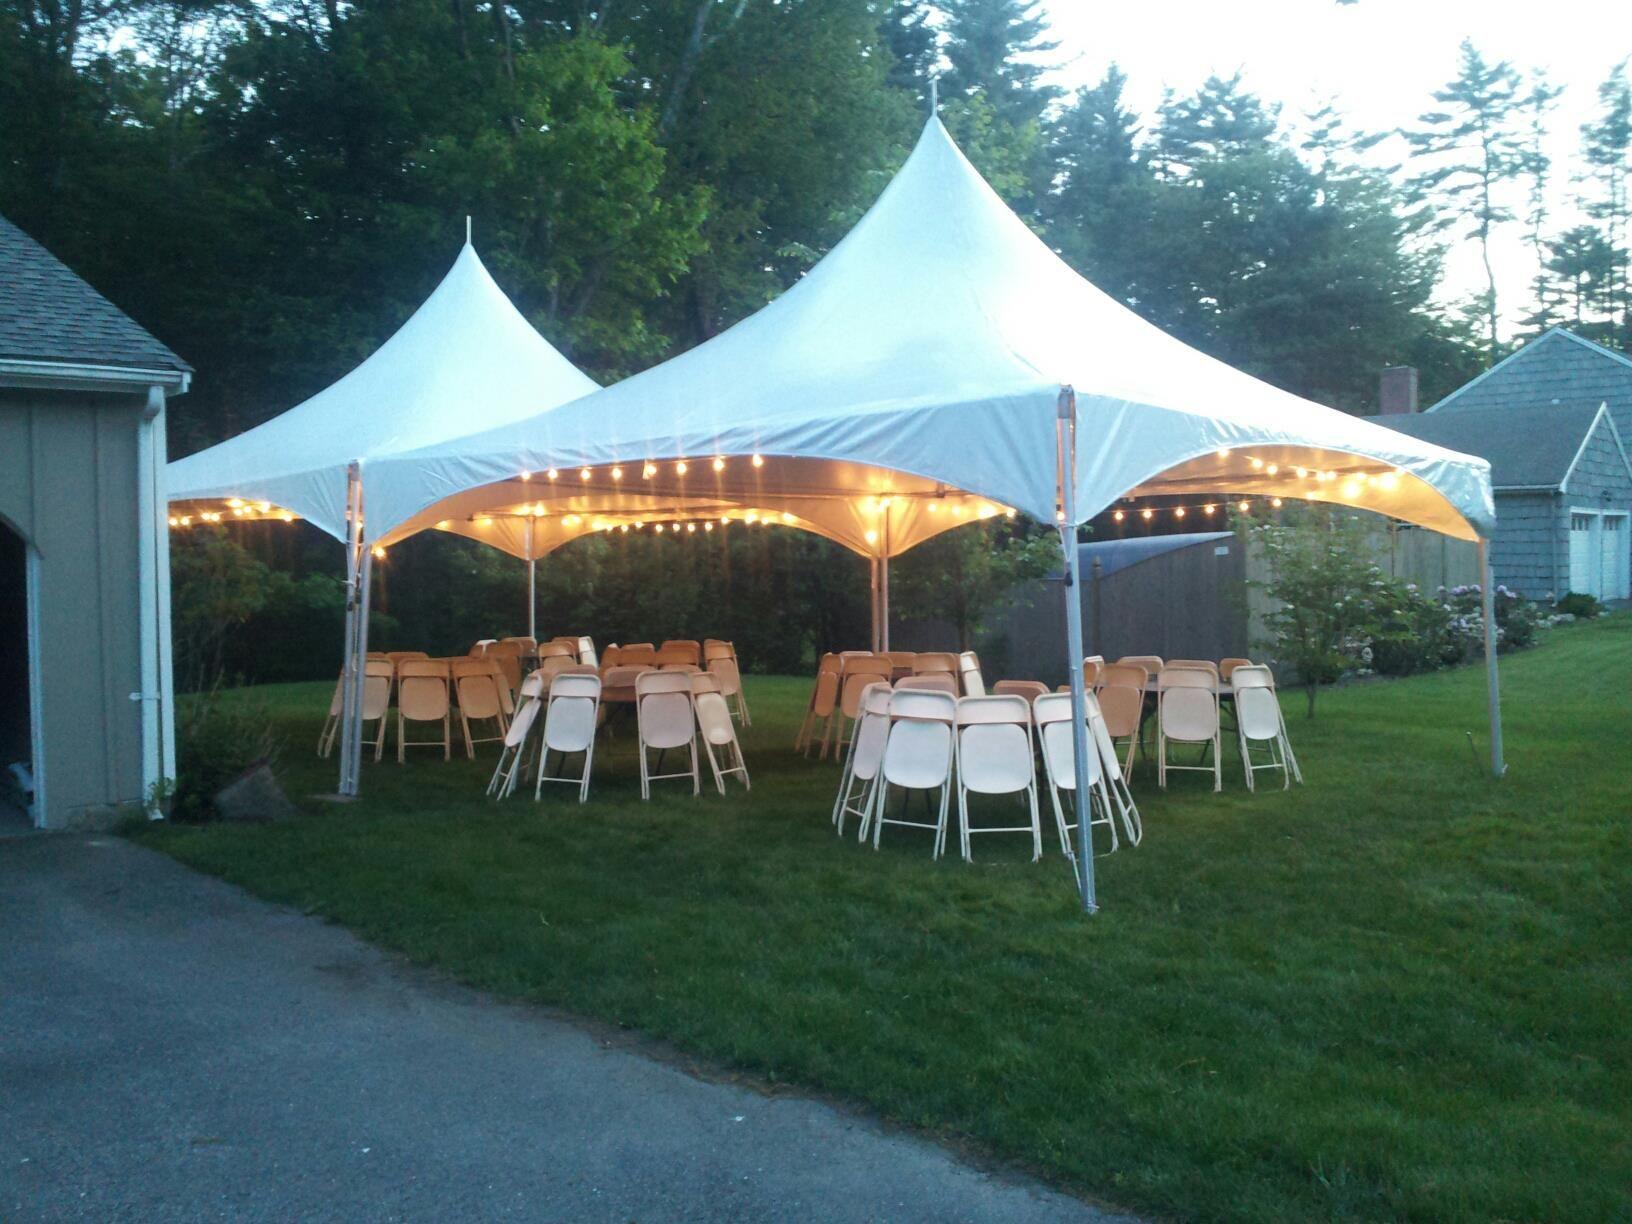 Backyard Wedding Tent Rentals [pozicky]